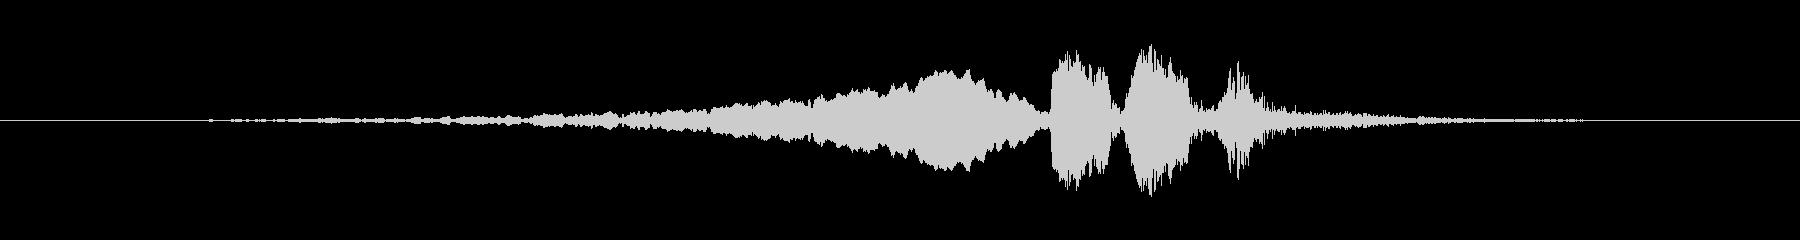 【ウグイス 合成01-4】の未再生の波形